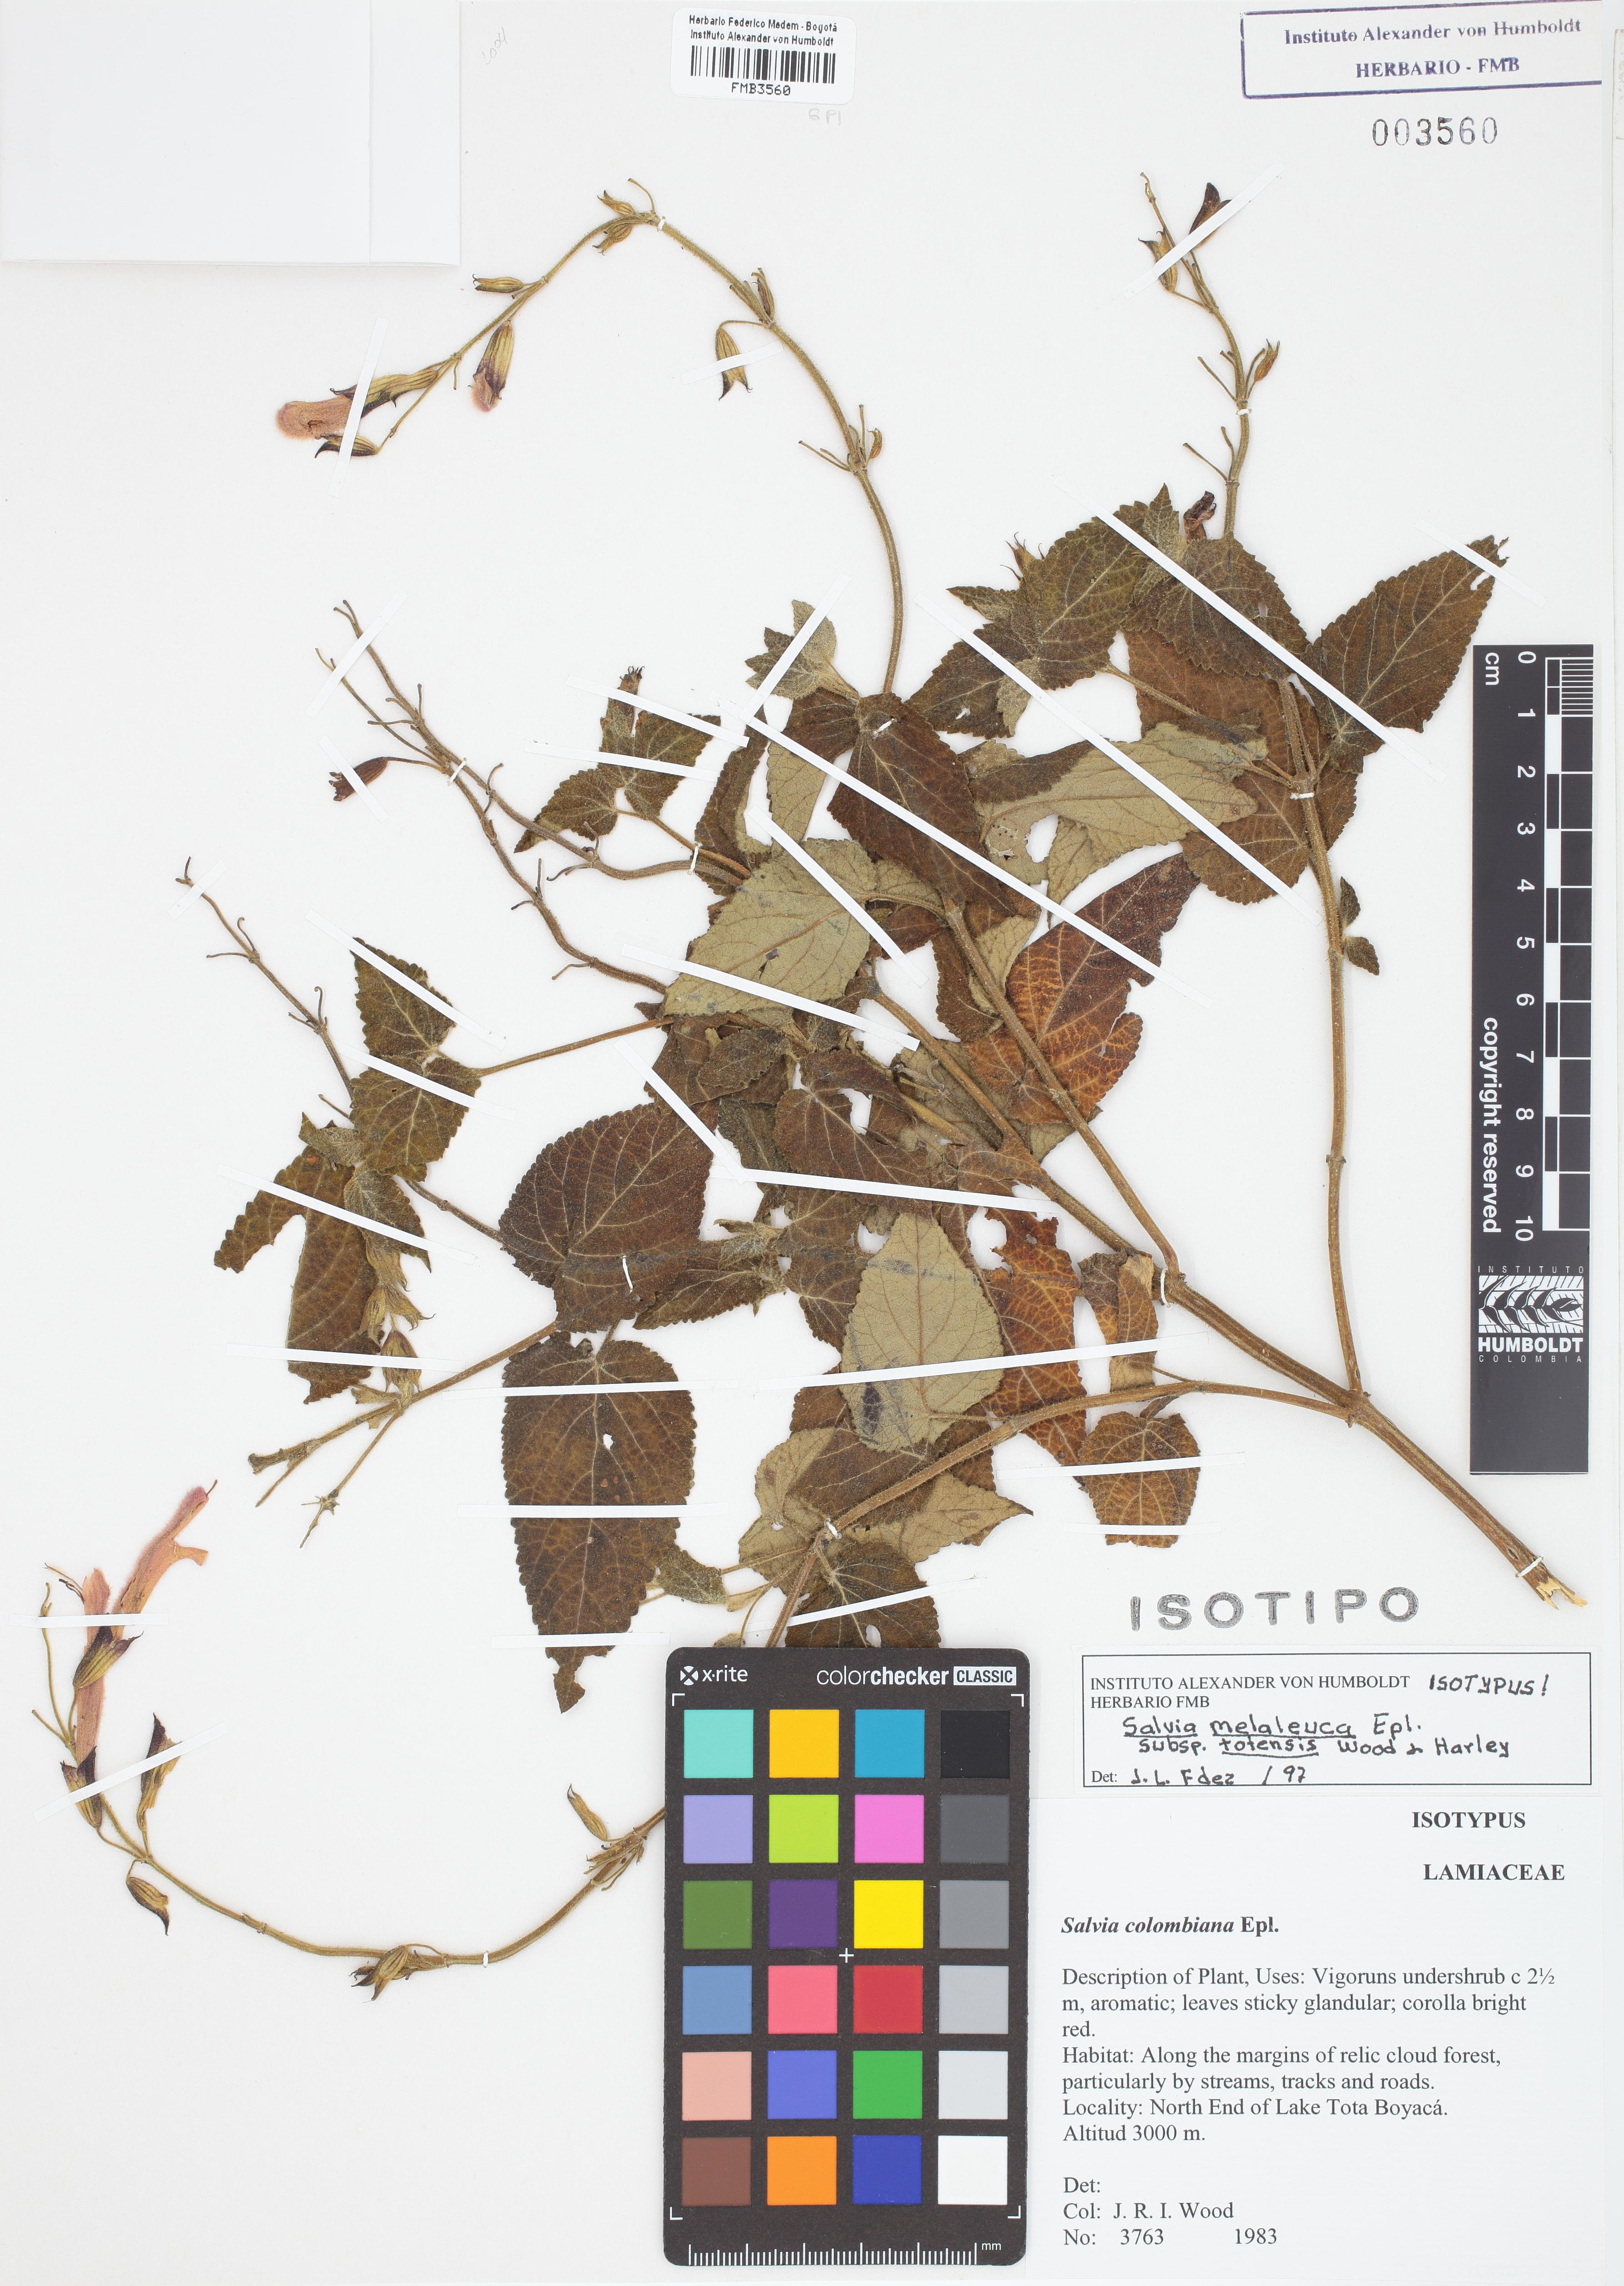 Isotipo de <em>Salvia melaleuca</em> subsp. <em>totensis</em>, FMB-3560, Fotografía por Robles A.